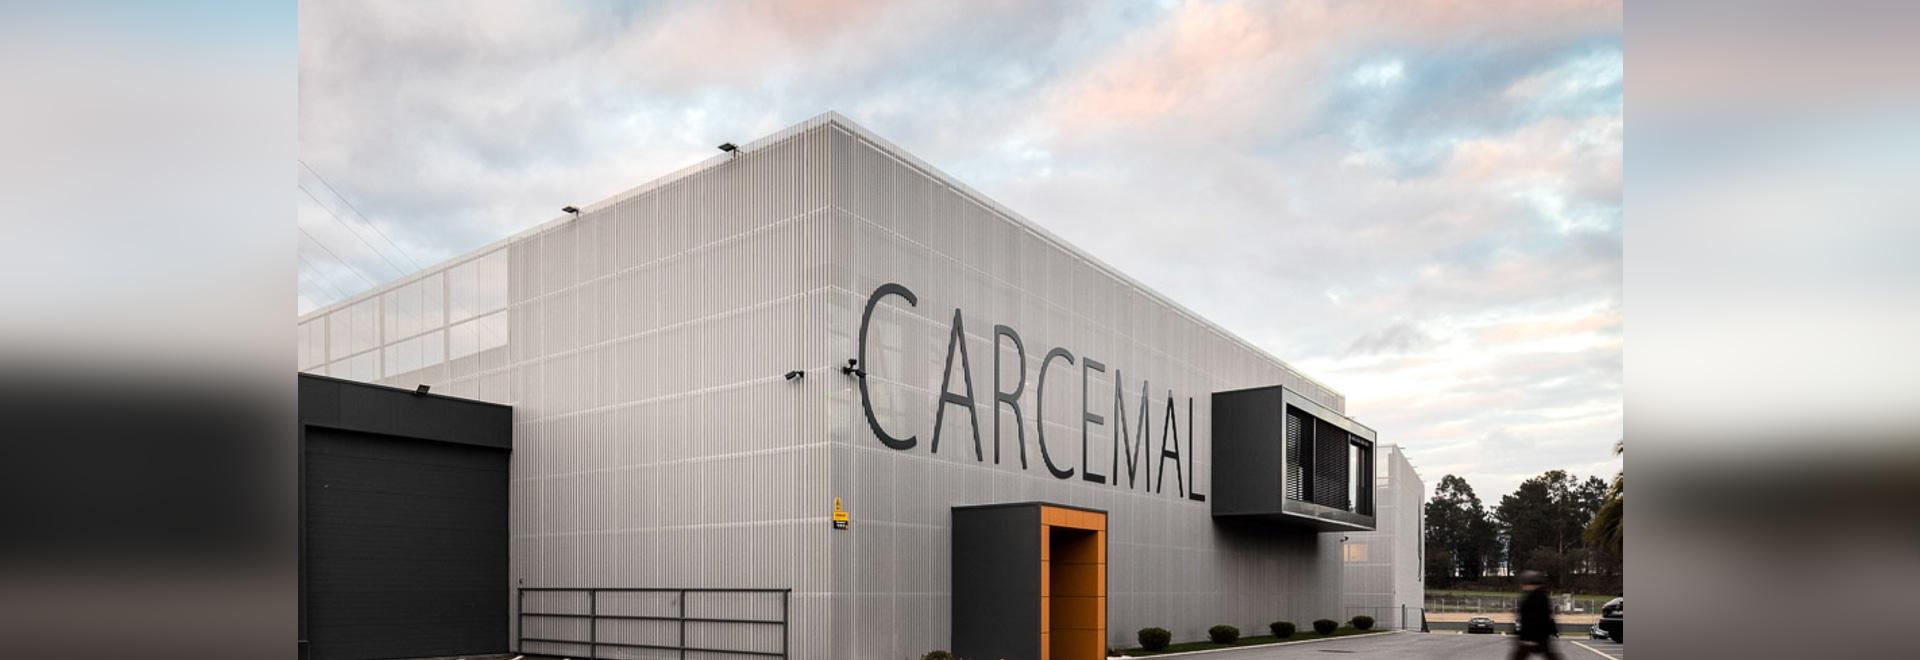 Eine Gewebe ähnliche Fassade mit Gewohnheit-perforierten Aluminiumblättern